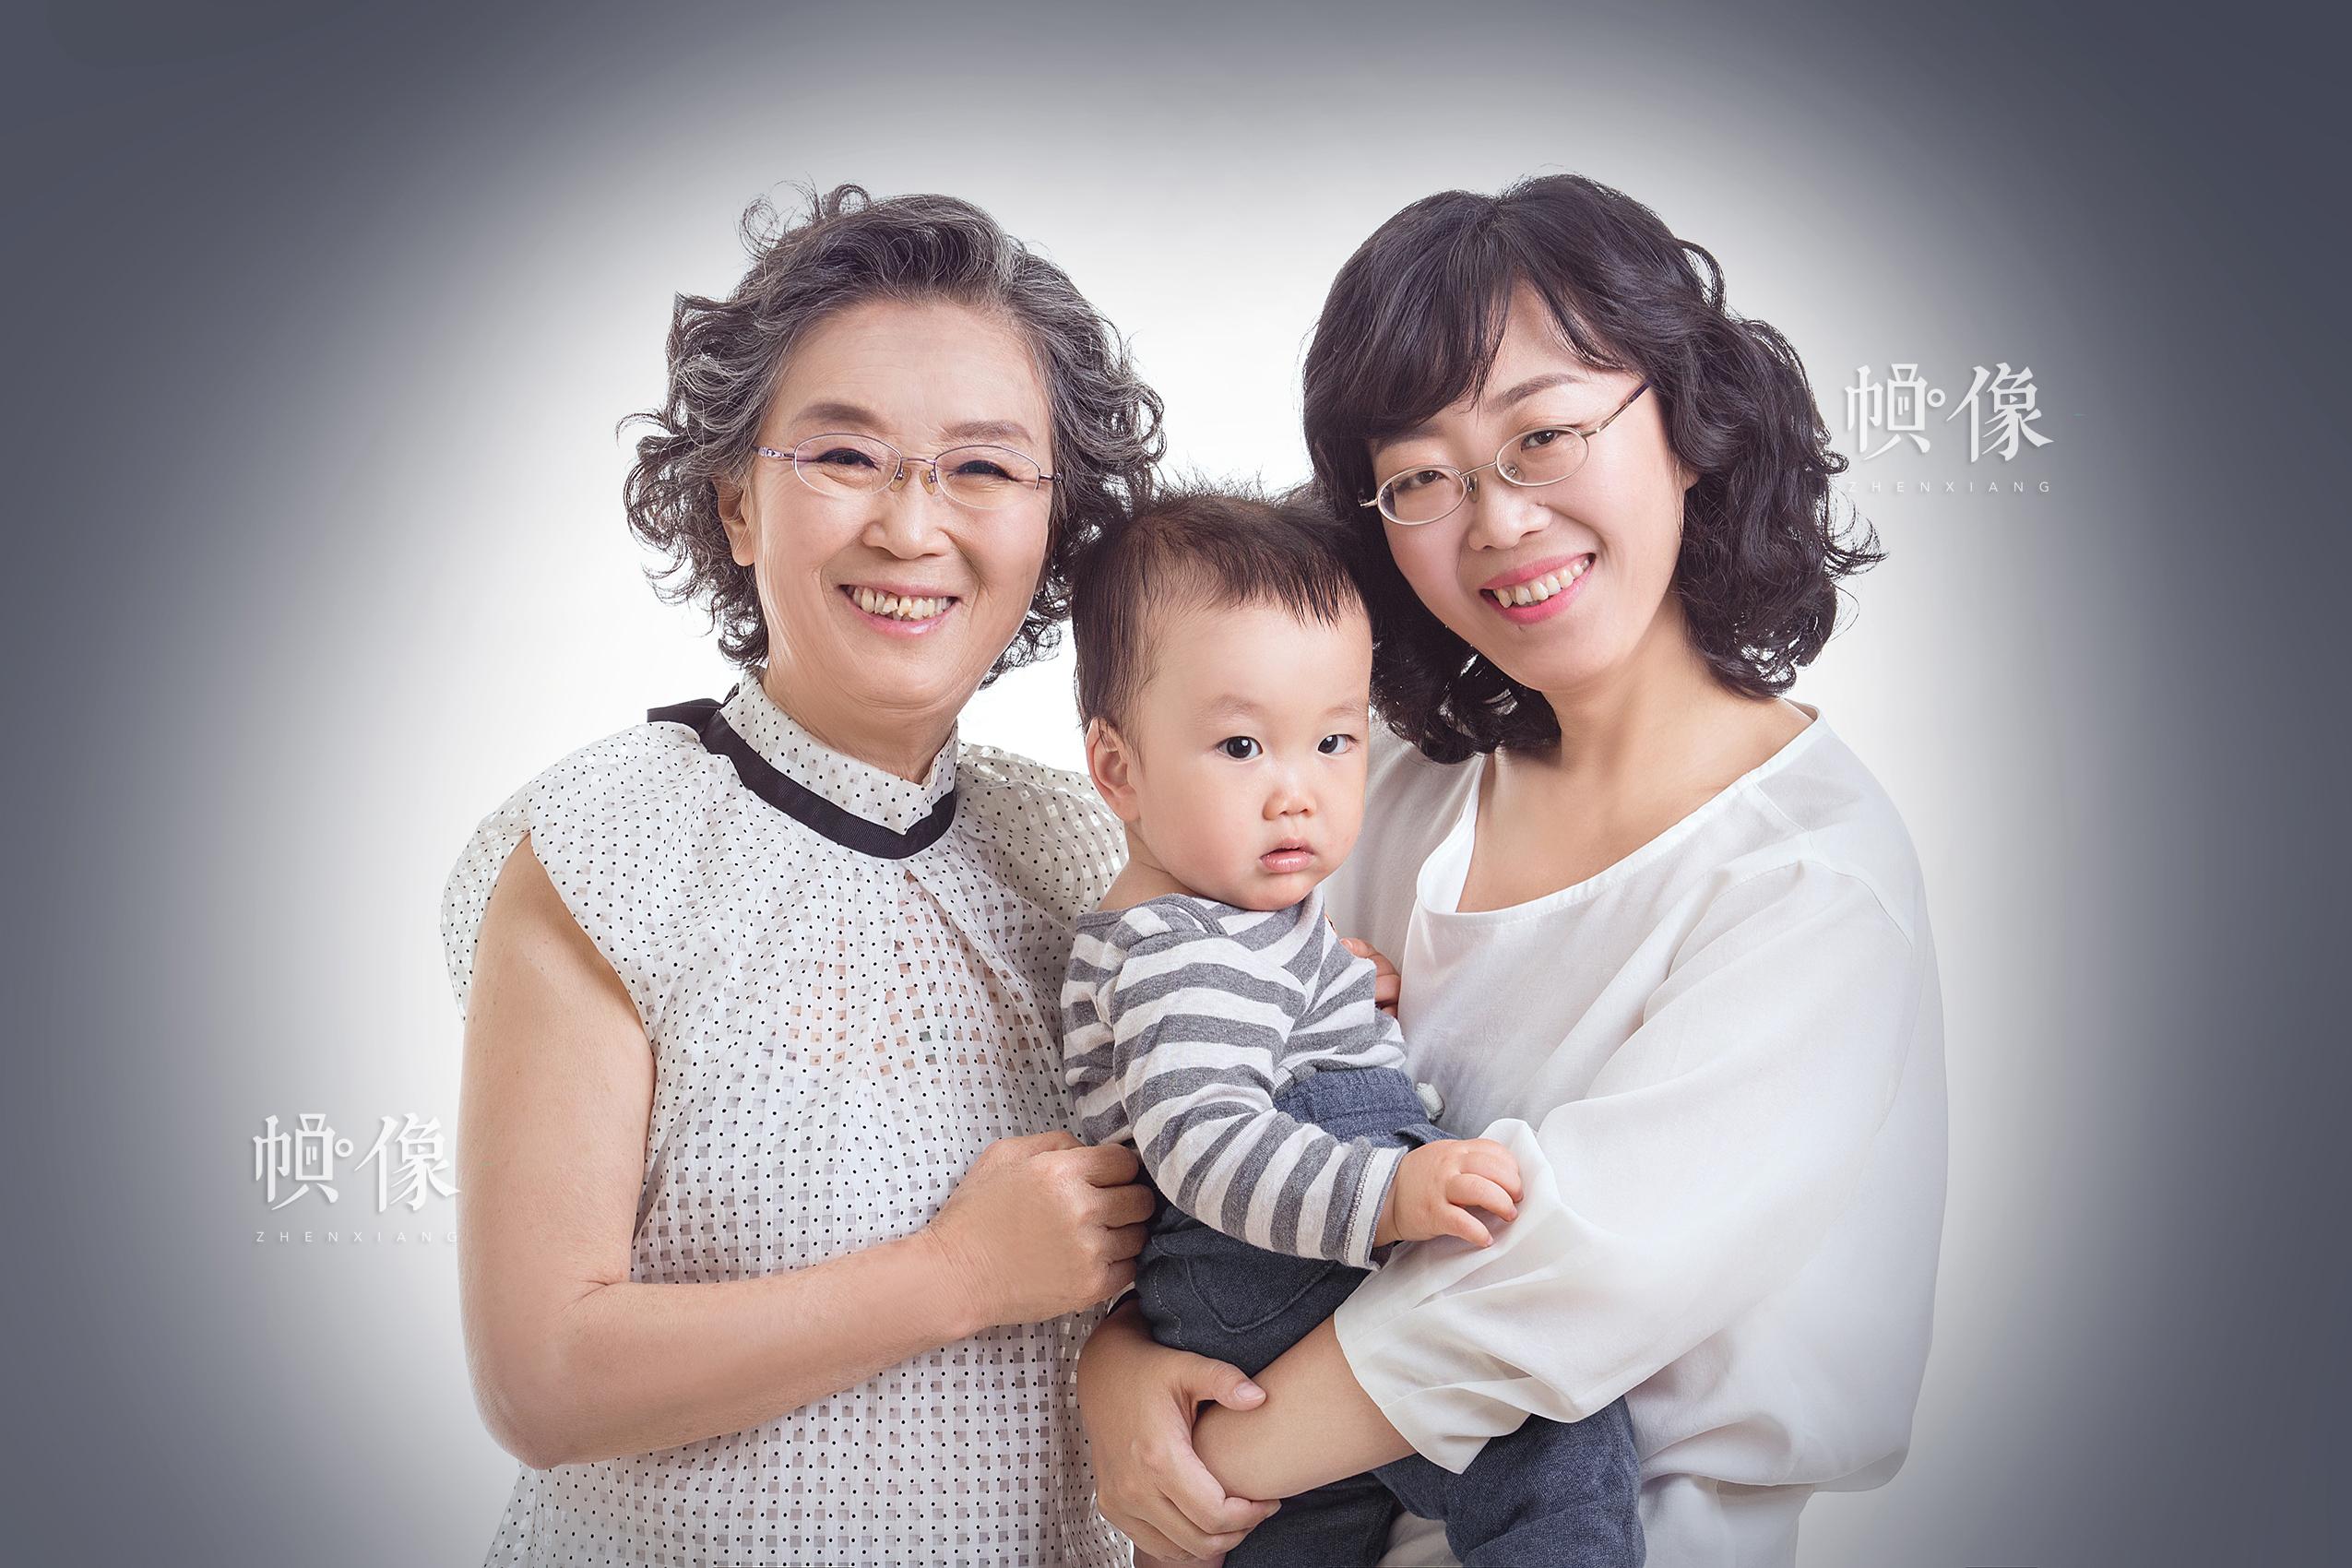 """一个三代人的家庭参加了Face Memo儿童摄影在母亲节活动组织的""""爱要大声说出来""""的活动。Face Memo儿童摄影供图"""